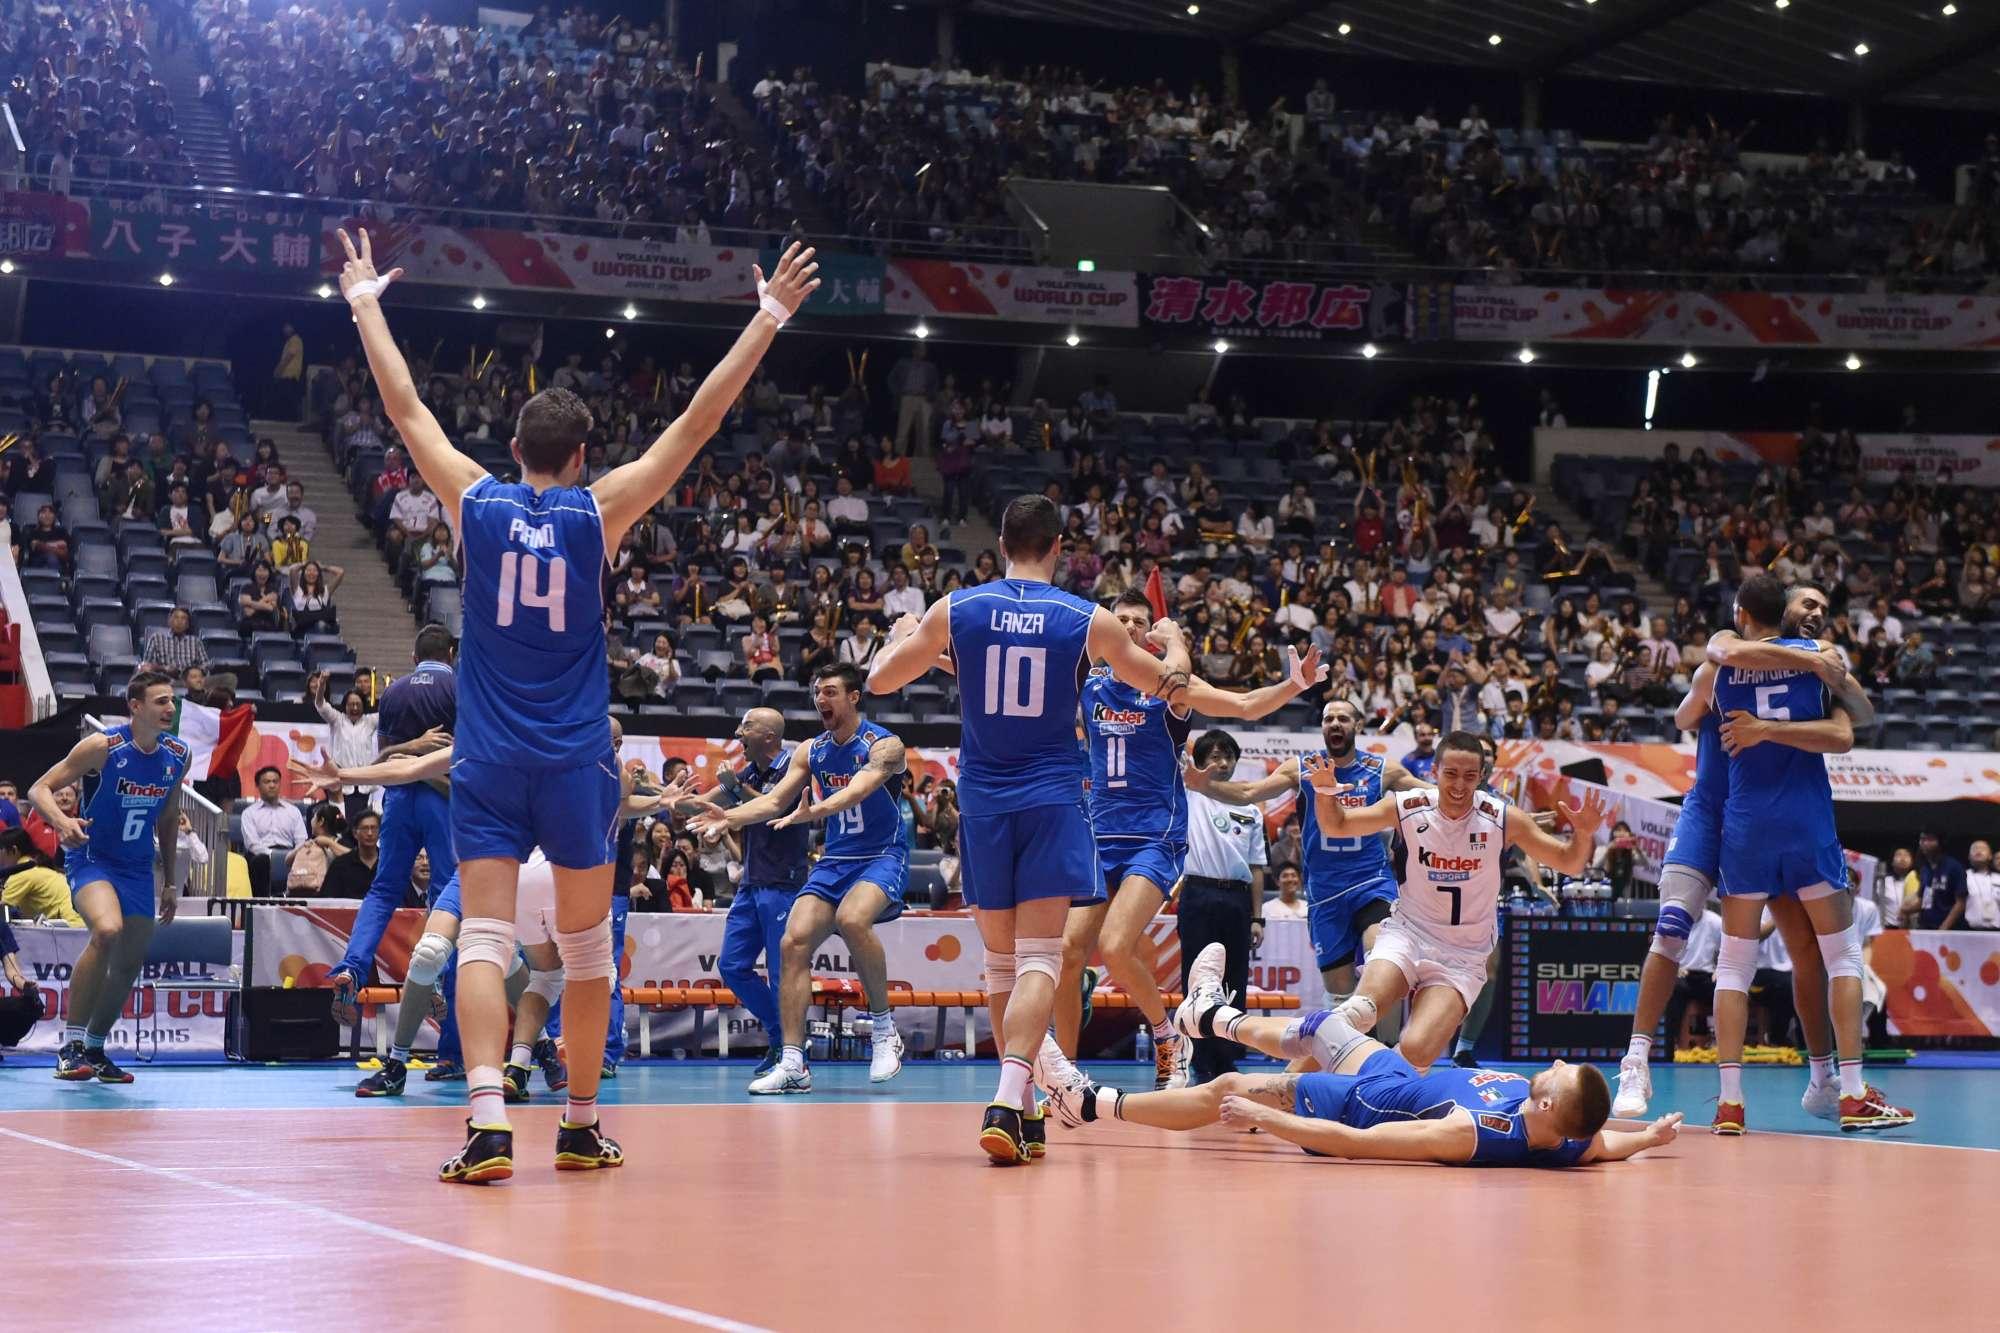 Gli azzurri festeggiano la vittoria sulla Polonia nell'ultima World League